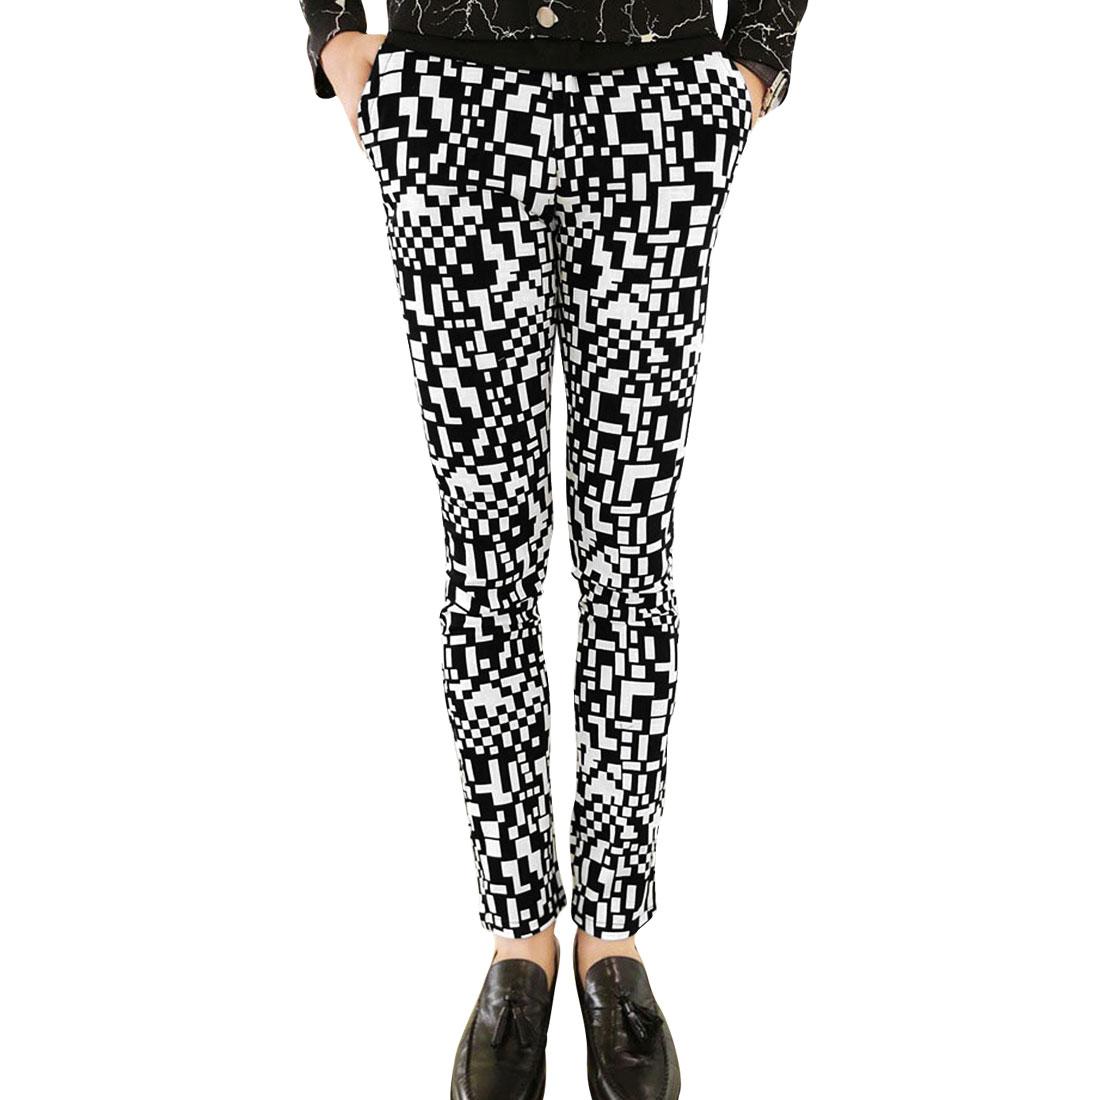 Men Zipper Fly Geometric Pattern Black White Casual Long Pants W30